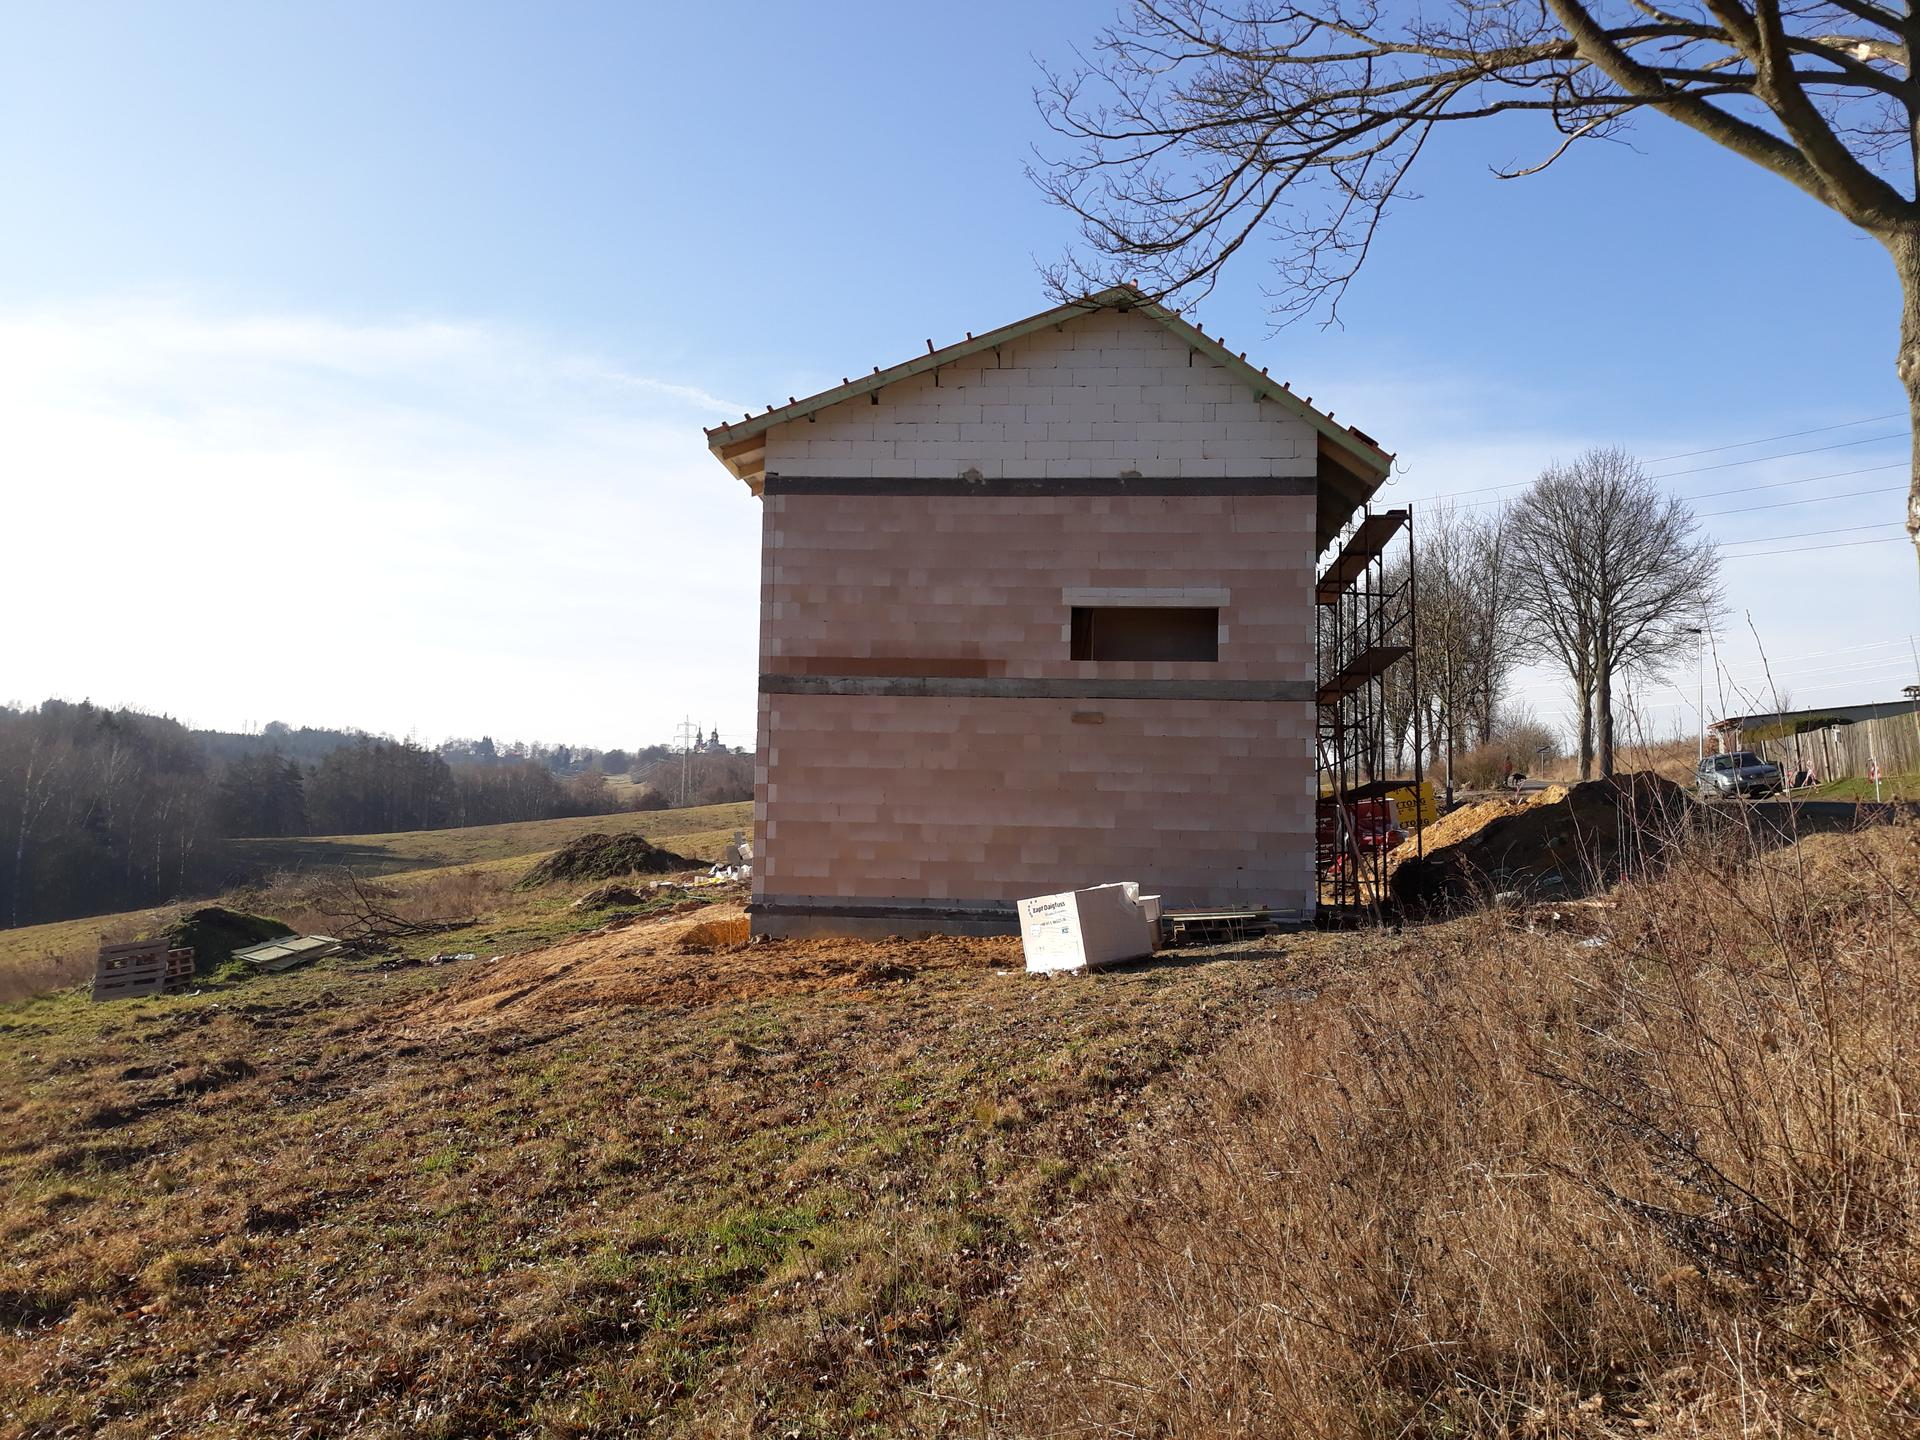 Pasivní domeček - Nechtěli jsme aby dům vypadal úplně jako stodola a nechali jsme si navrhnout asymetrickou střechu:) a nelitujeme, asymetrie mu sluší:)